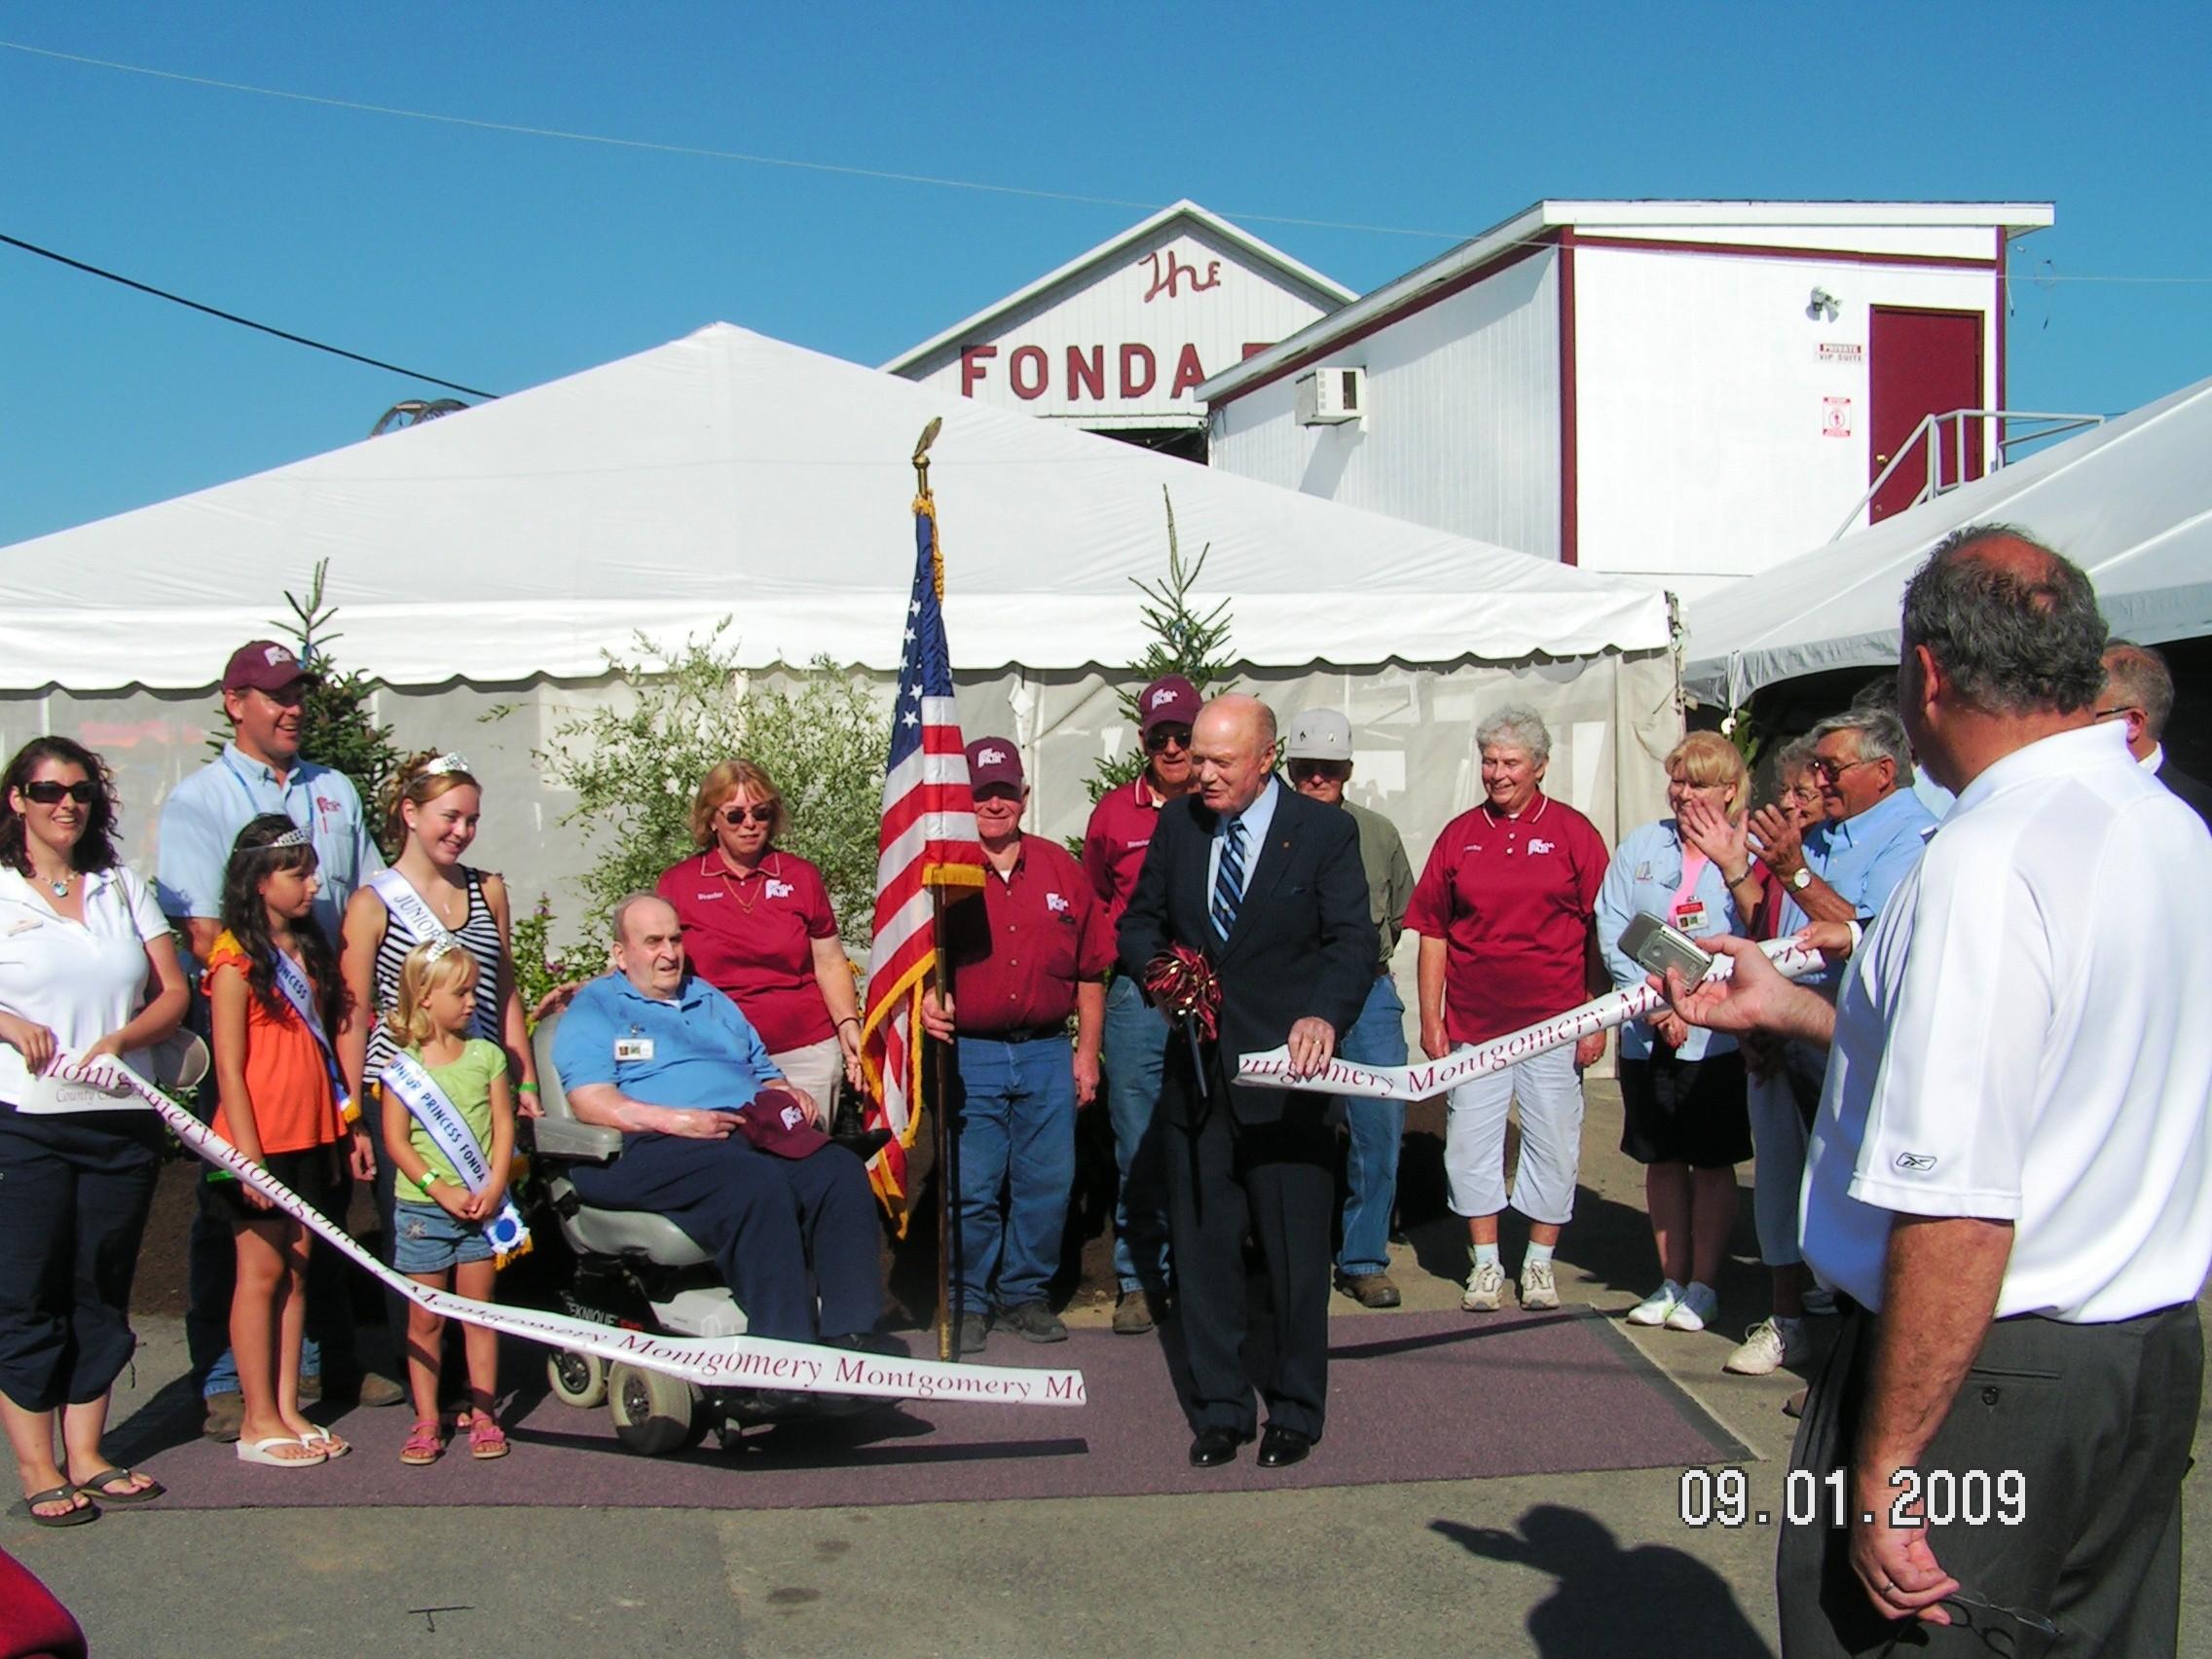 New york montgomery county fonda - Montgomery County Fair Jpg Fonda Ny